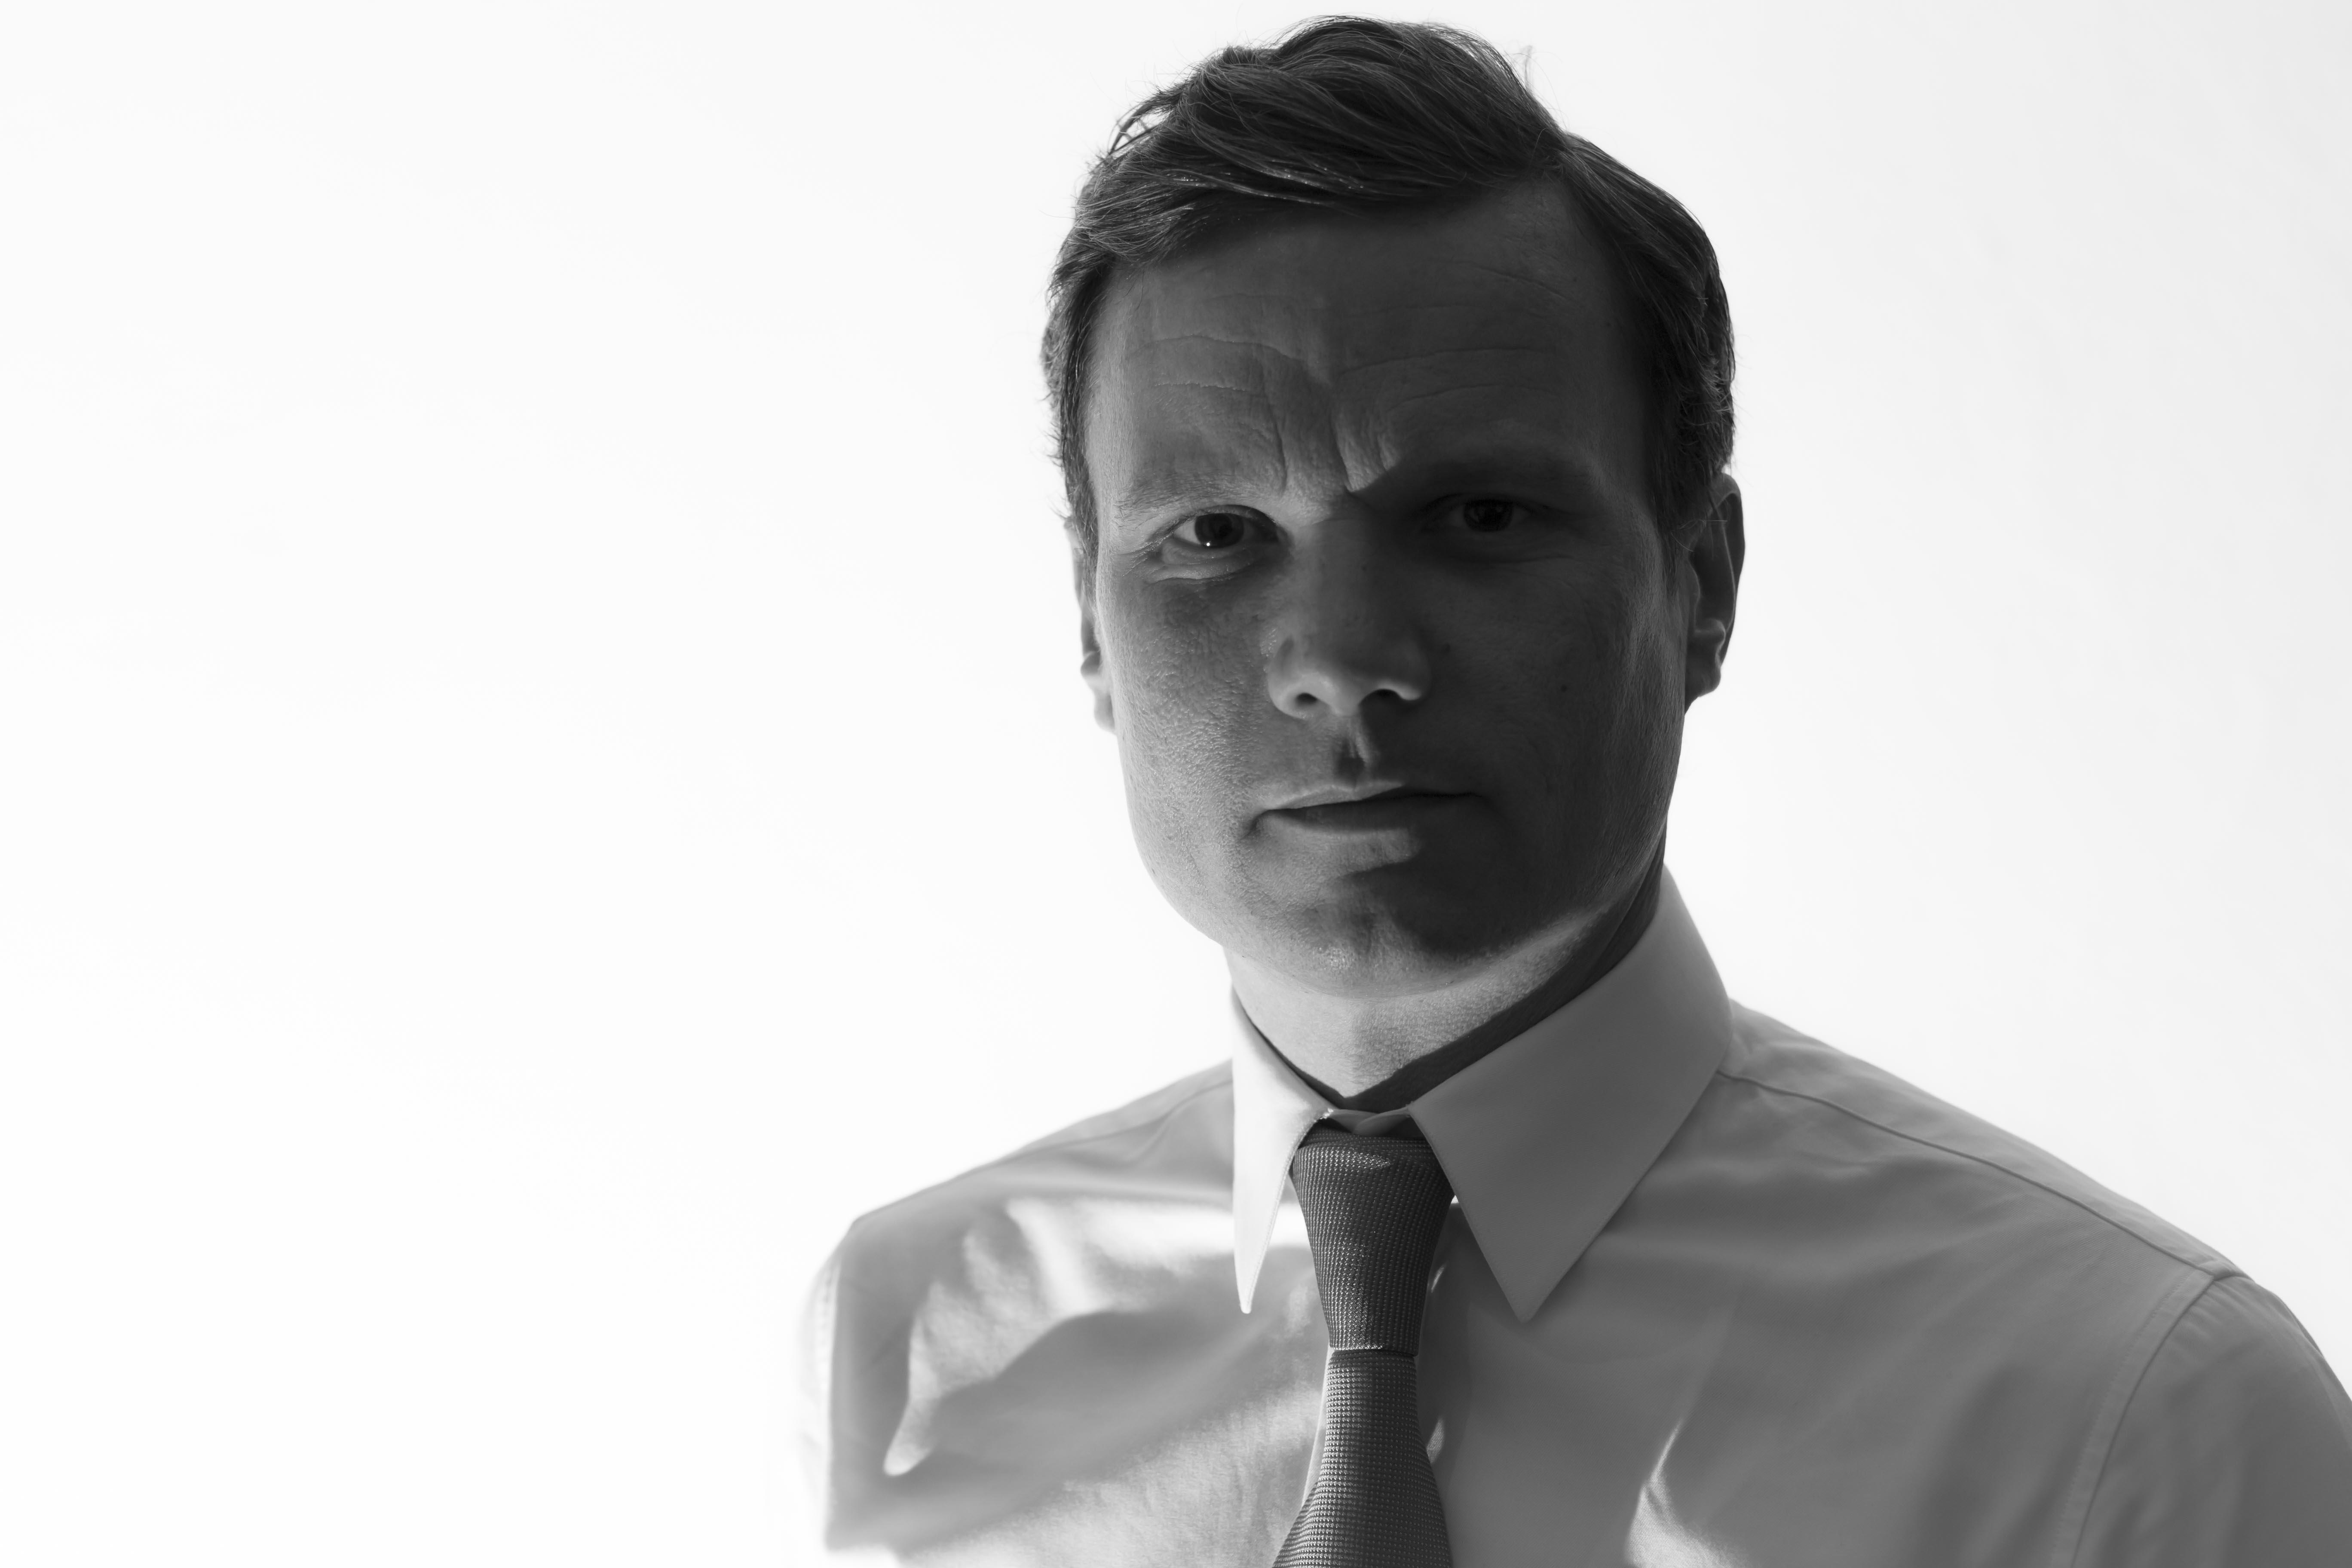 Schwarz/weiß Portrait